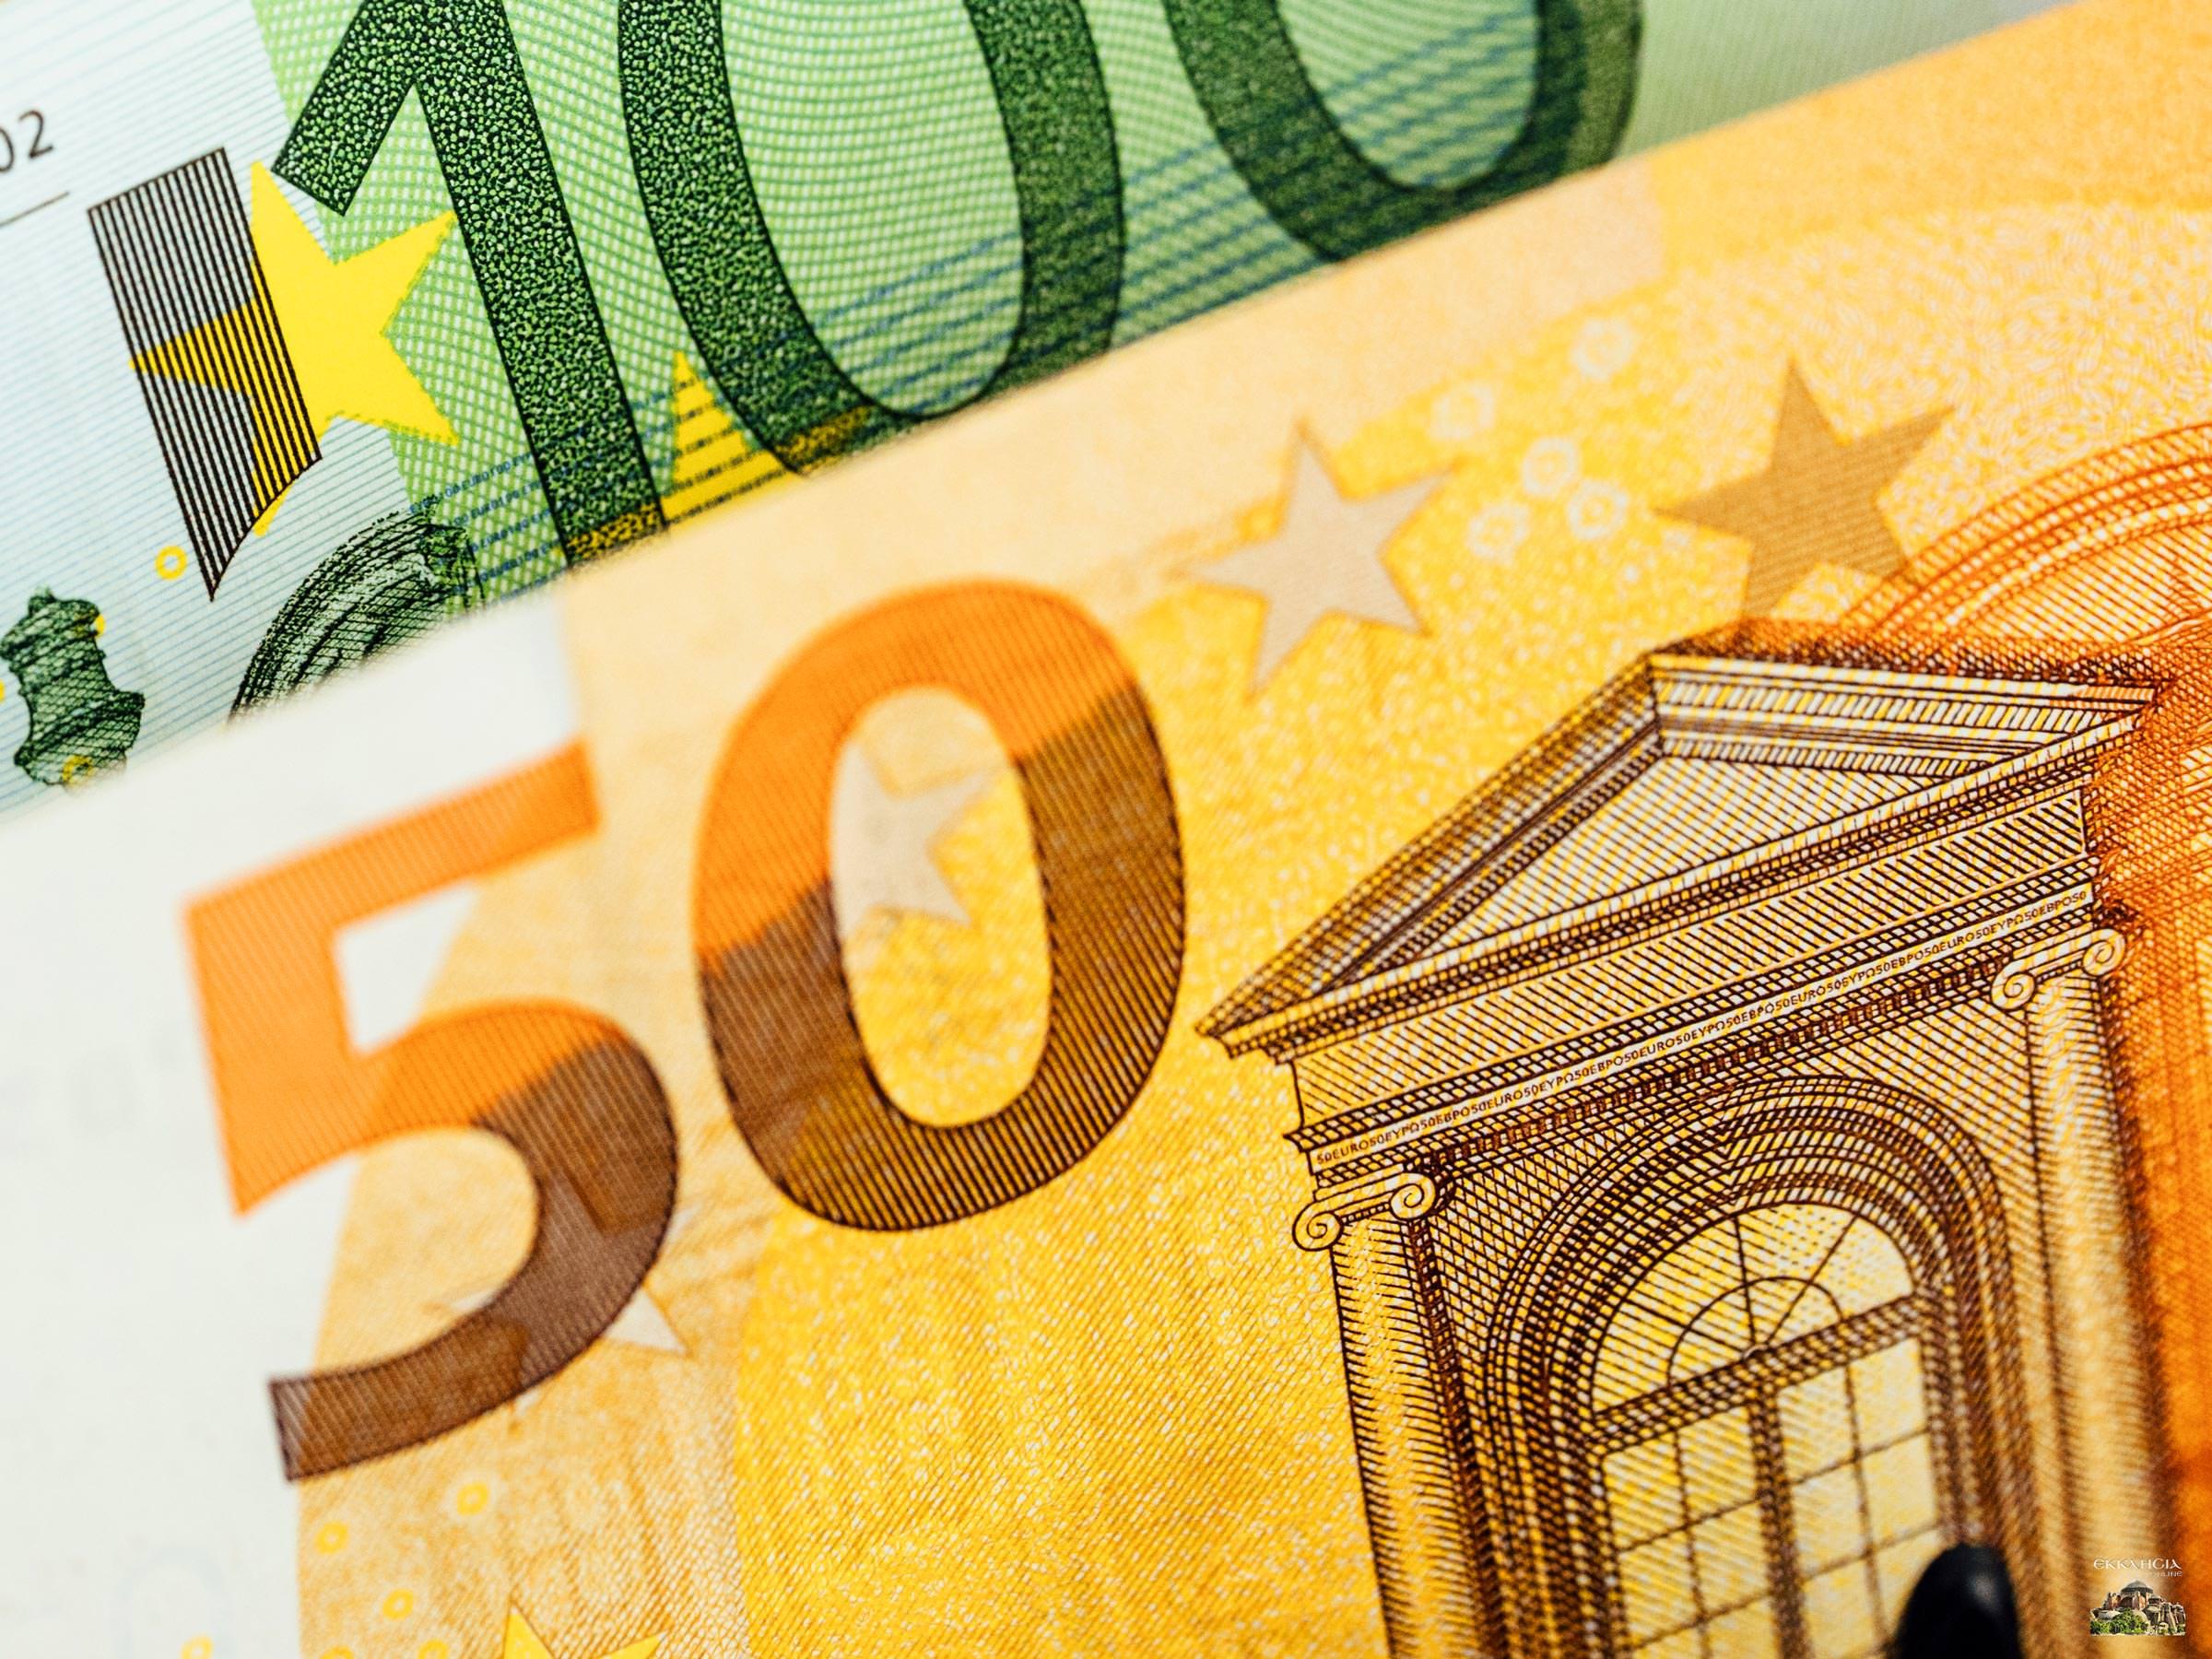 επιδόματα συντάξεις πληρωμή euros